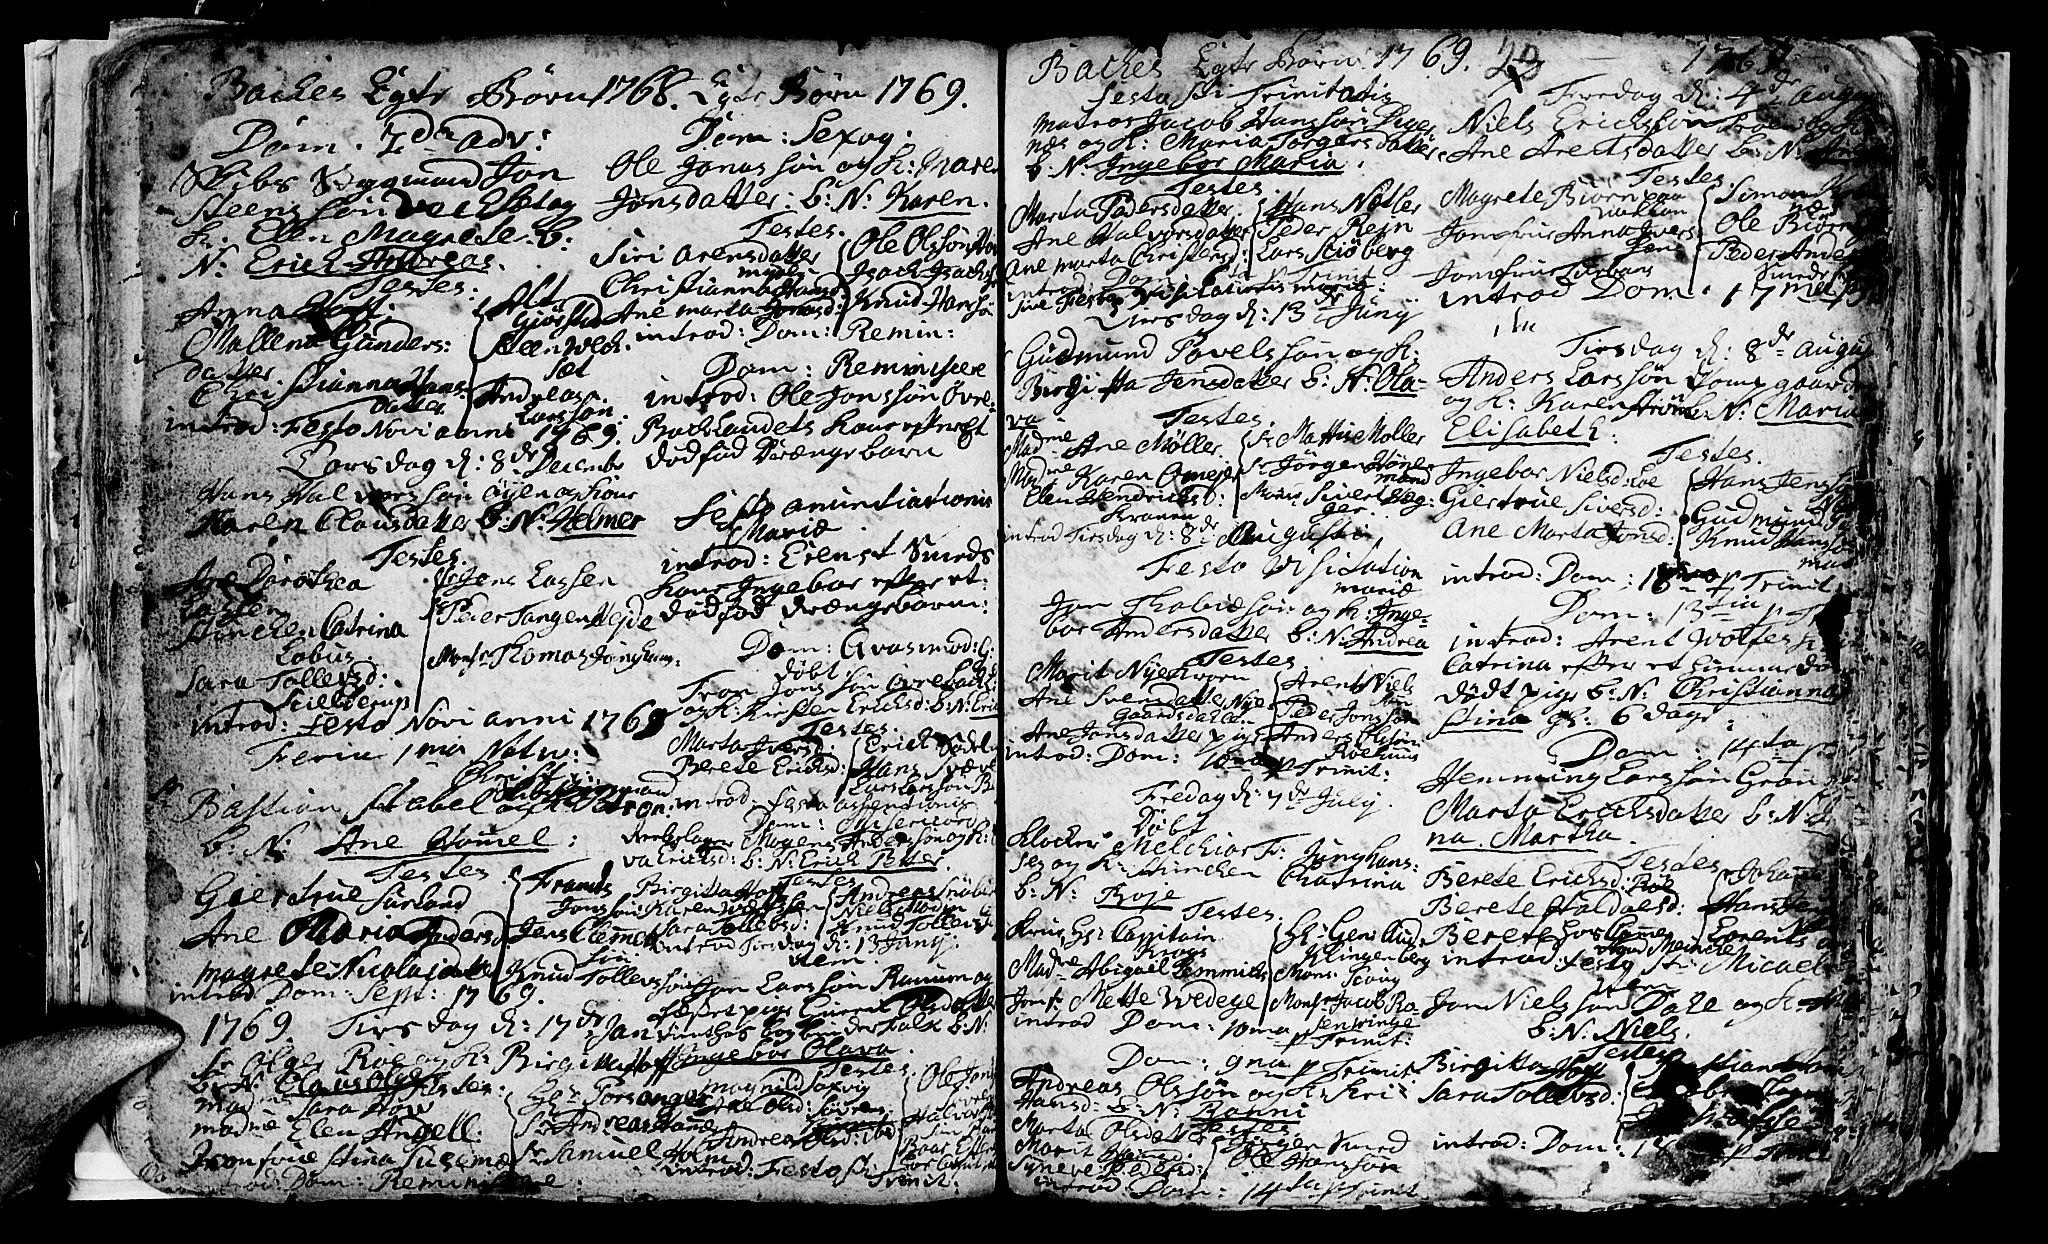 SAT, Ministerialprotokoller, klokkerbøker og fødselsregistre - Sør-Trøndelag, 604/L0218: Klokkerbok nr. 604C01, 1754-1819, s. 23